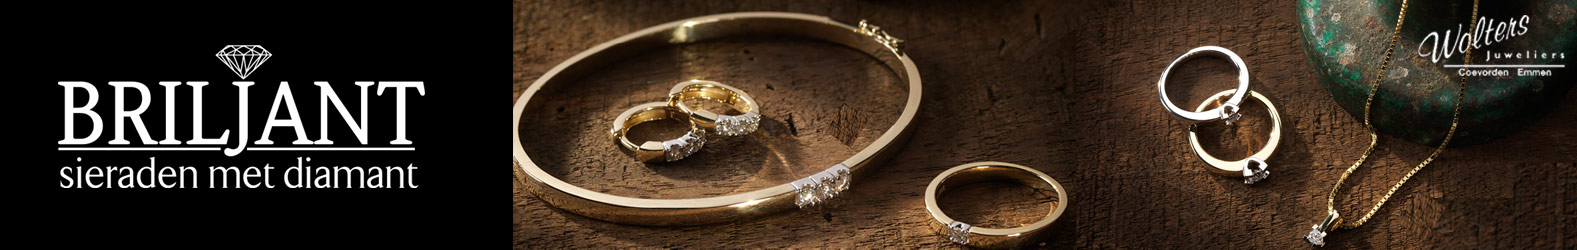 briljant-banner-juwelier